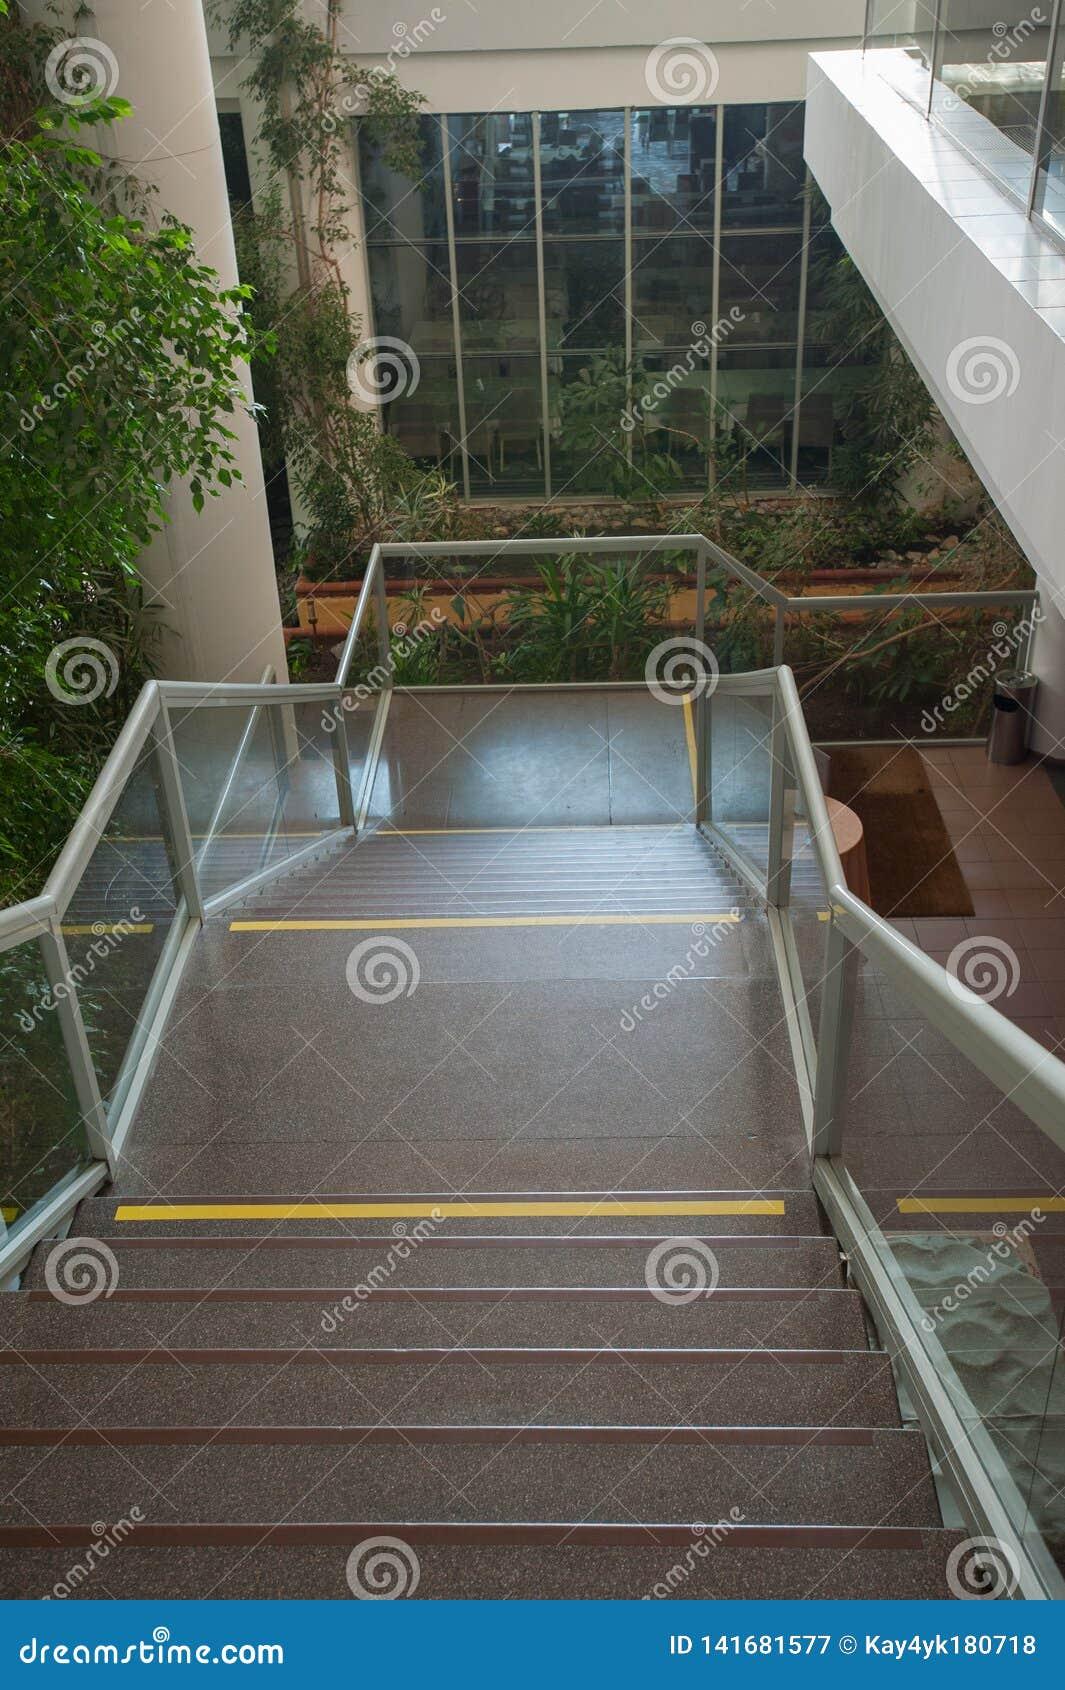 Escalier menant en bas des inscriptions sur les escaliers